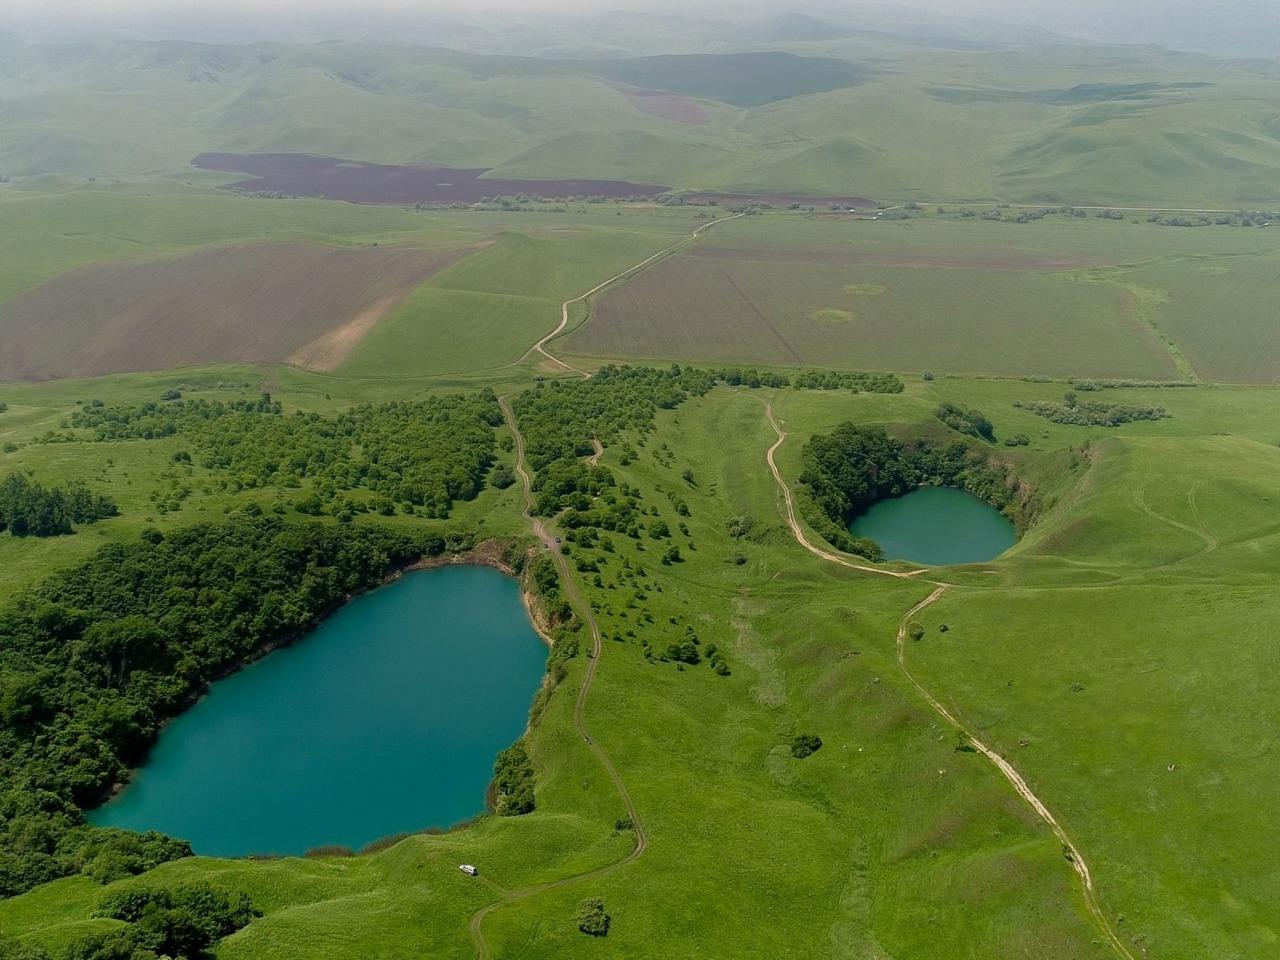 Озёра  Шадхурей  - индивидуальная экскурсия в Кисловодске от опытного гида